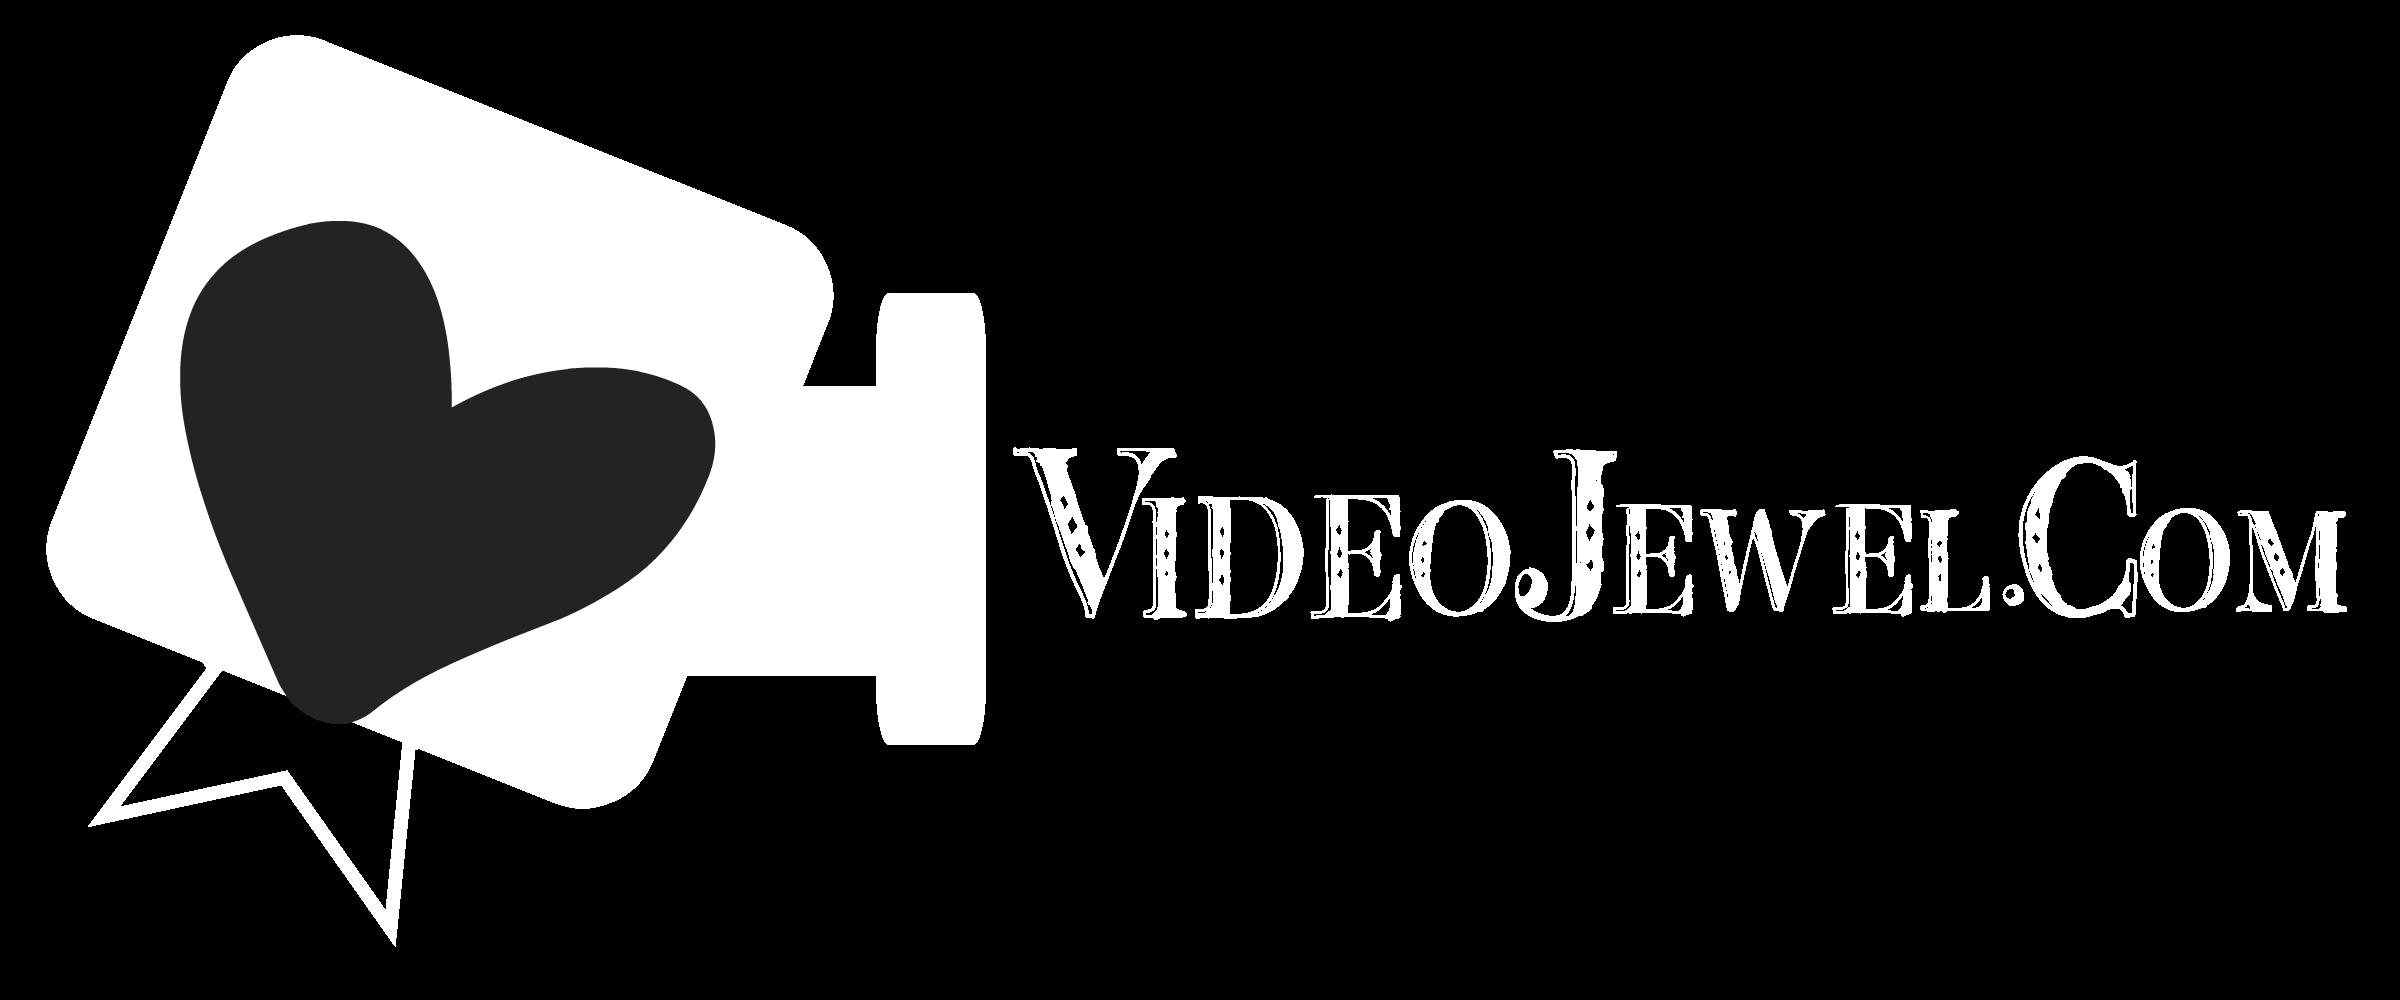 Video Jewel